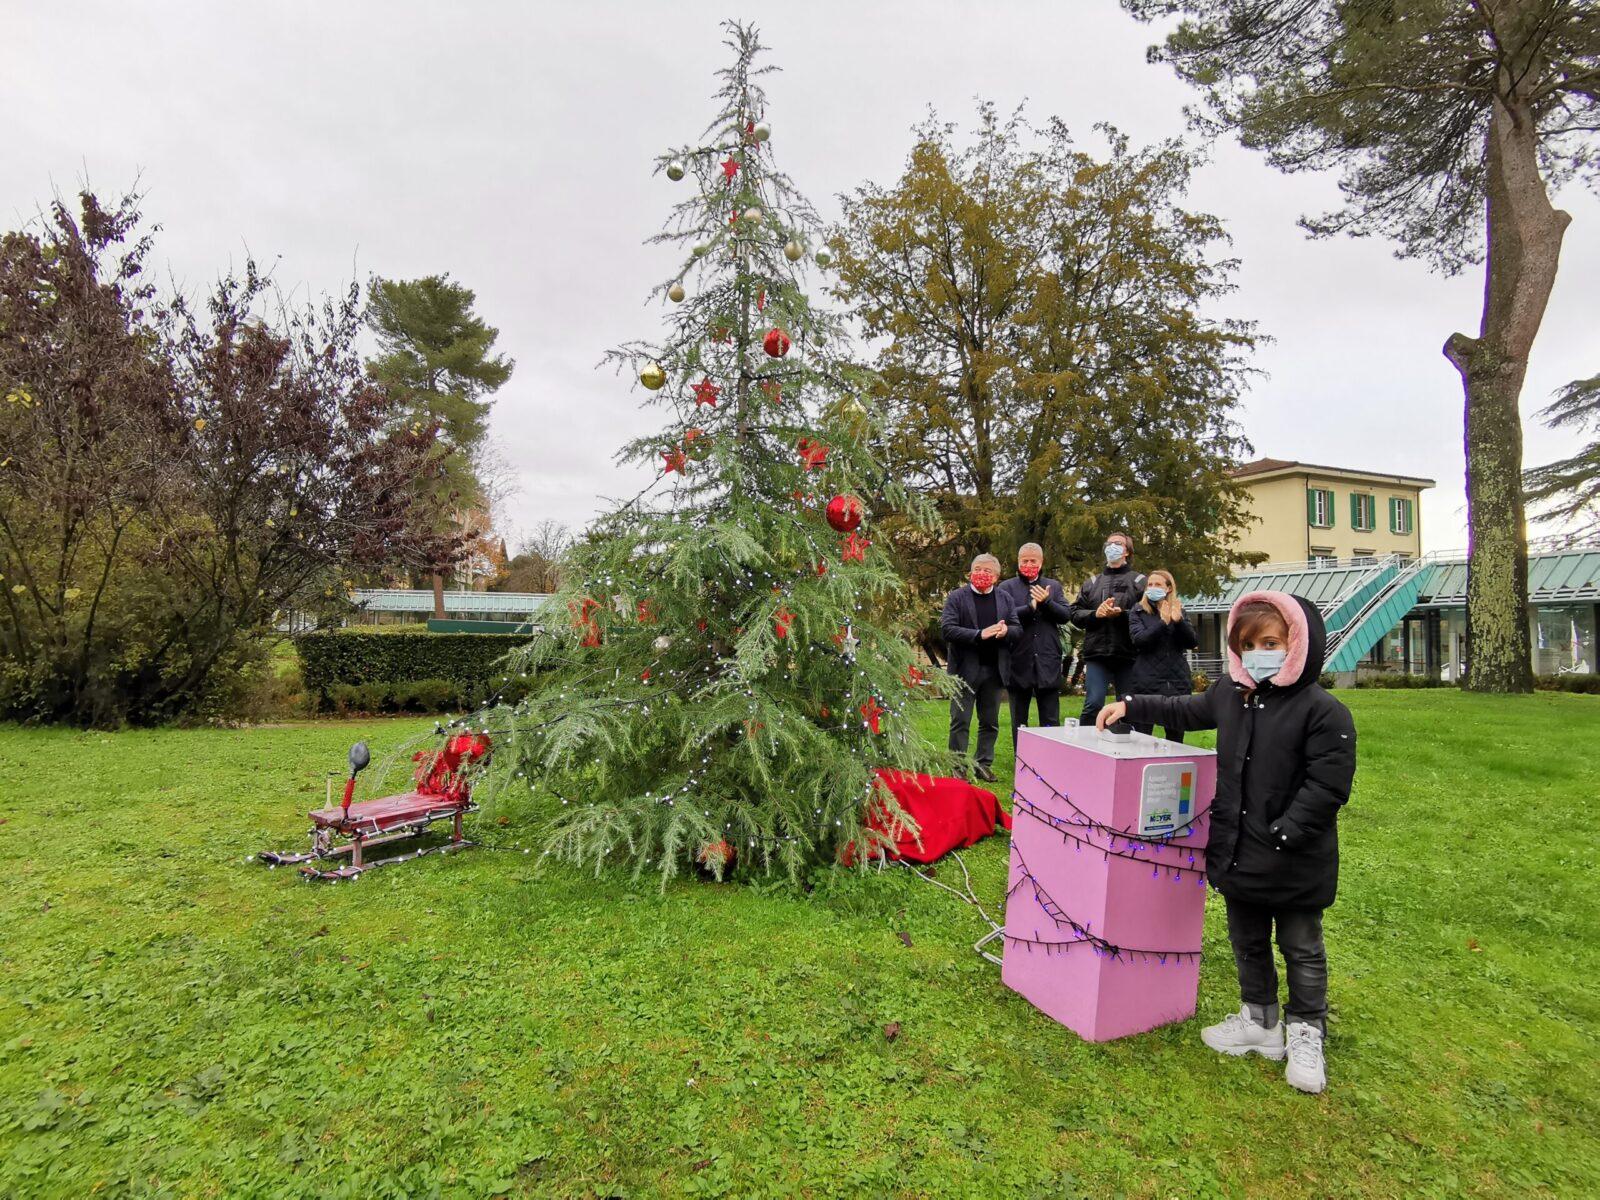 foto accensione albero di Natale